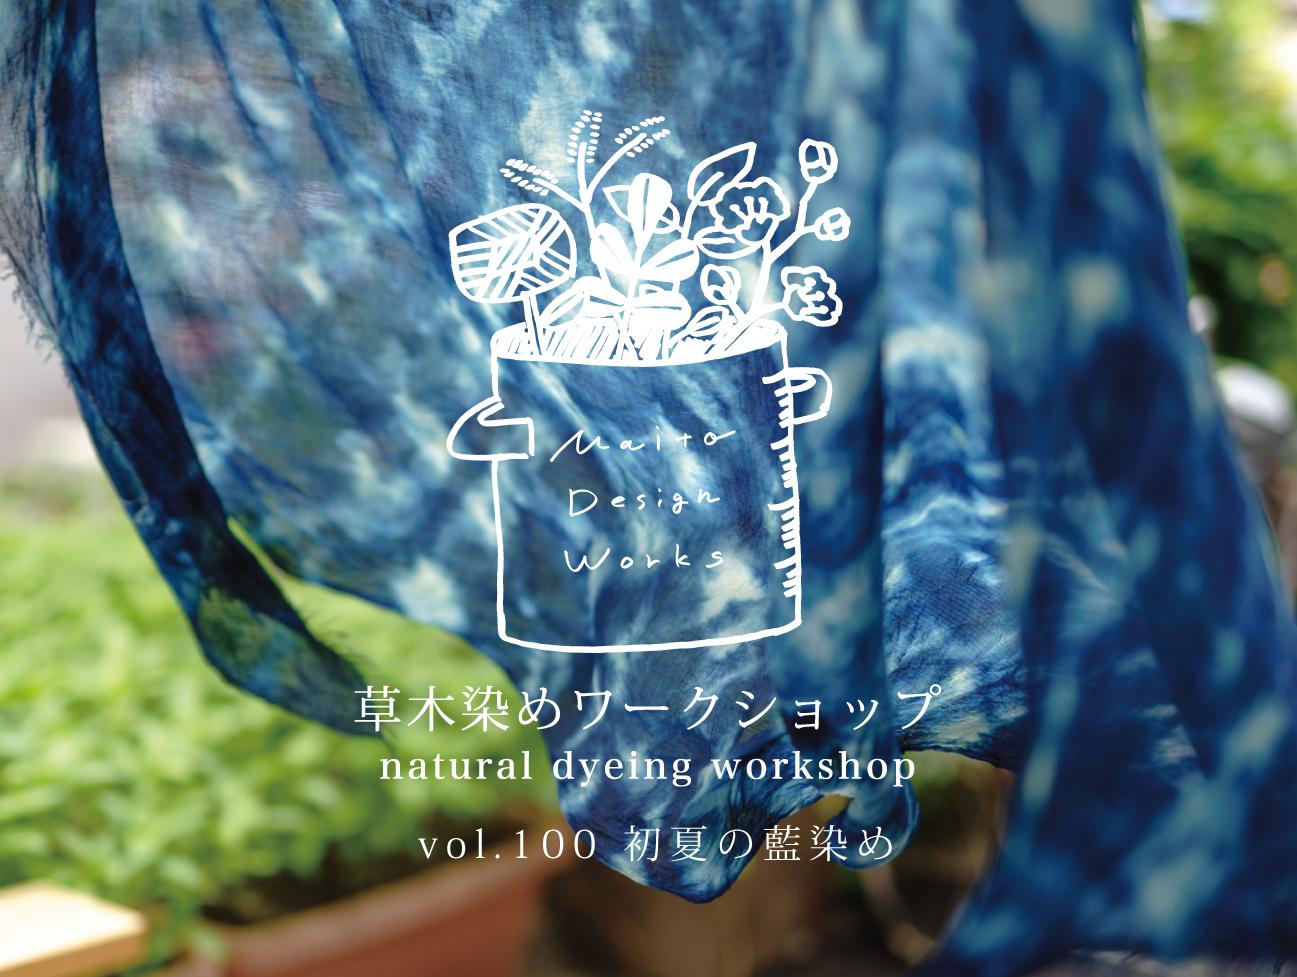 6/11・12・13草木染めワークショップ ~藍を染める~